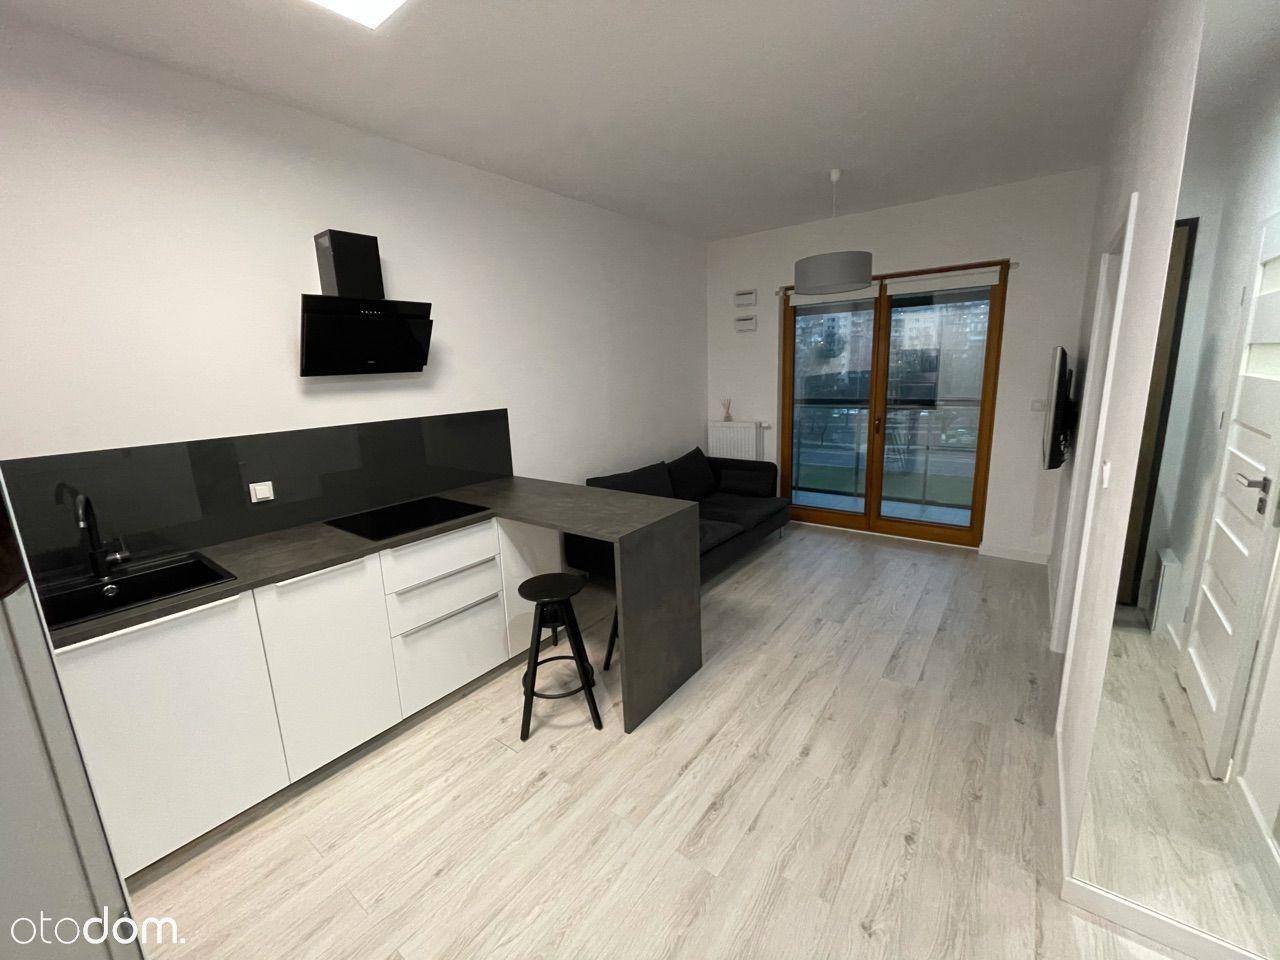 apartament Mokotów Sikorskiego wysoki standard